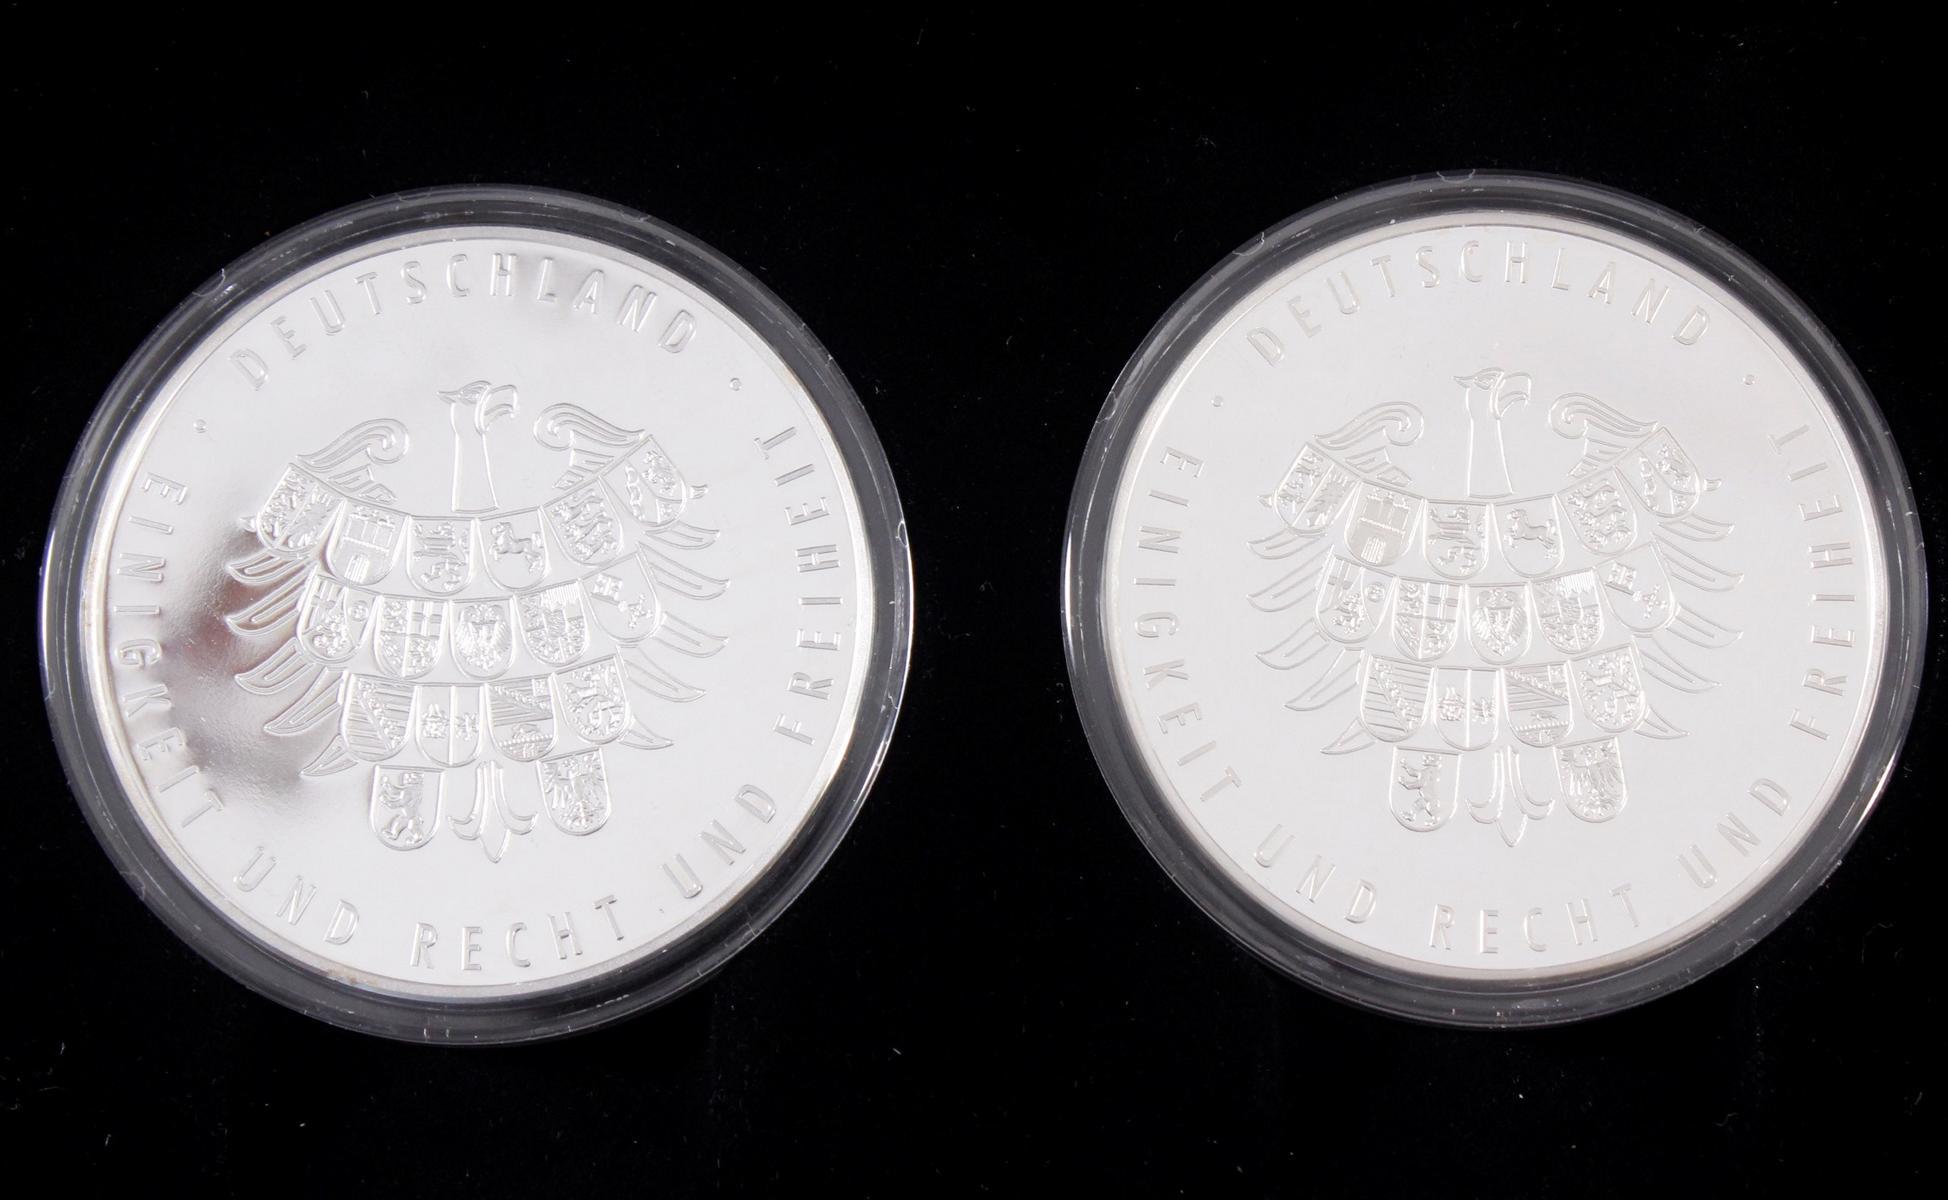 Die offiziellen Silber-Gedenkmünzen der Fifa Fußball-Weltmeisterschaft Deutschland 2006-3